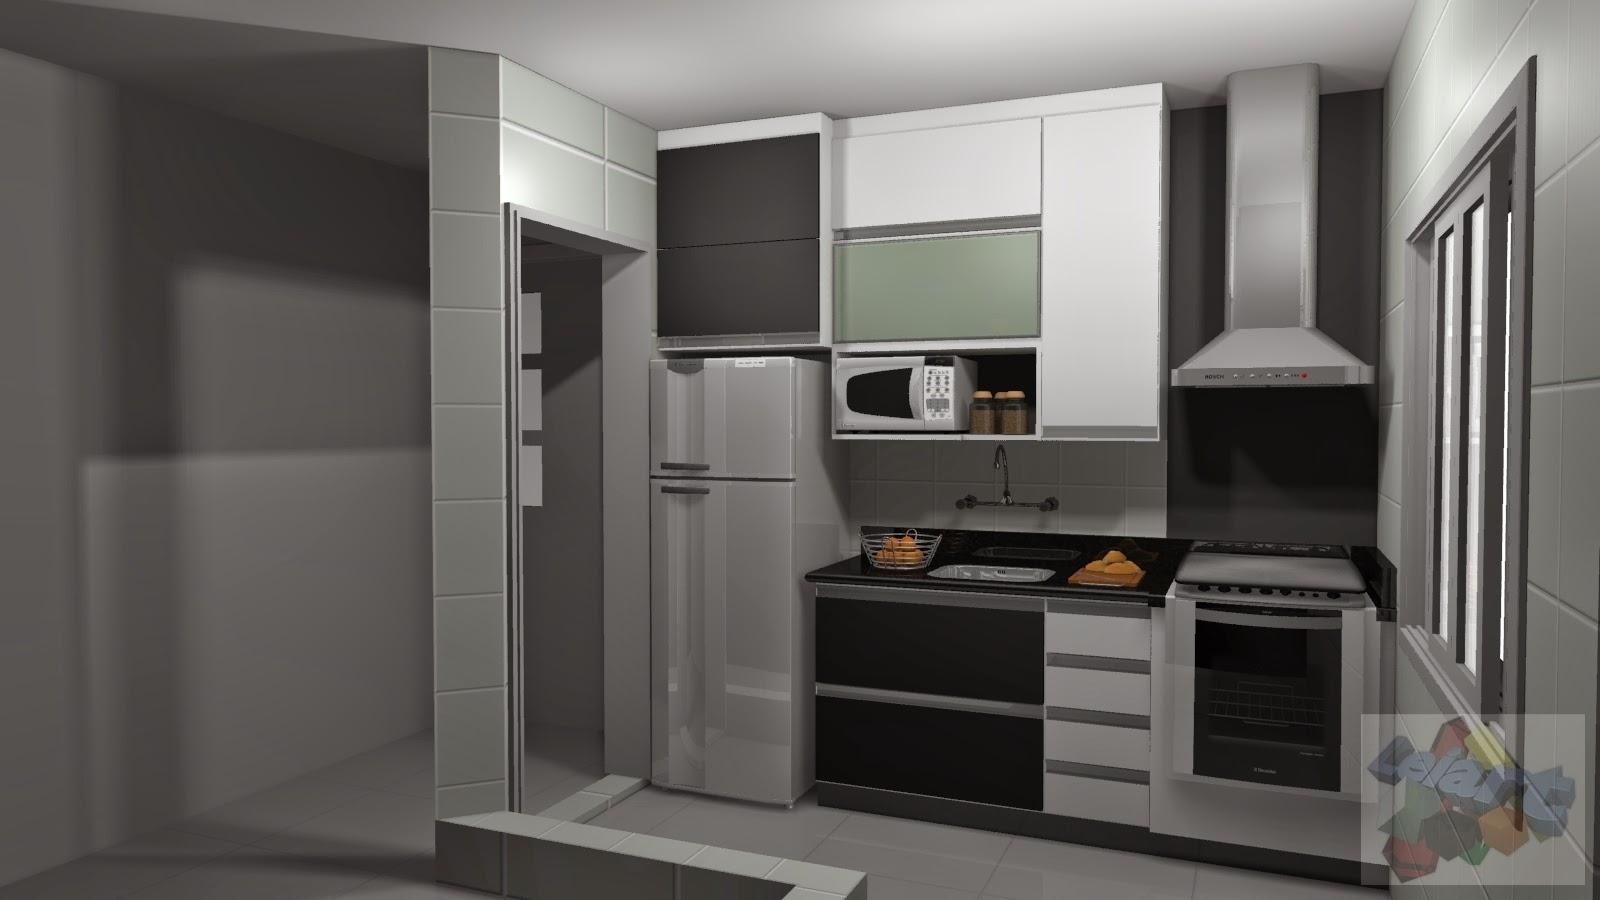 #535D51 NOIVAS PAINEL LACA ARMÁRIOS PROJETOS (11) 3976 8616: COZINHA PEQUENAS  1600x900 px Projetos Modernos De Cozinhas Pequenas #841 imagens